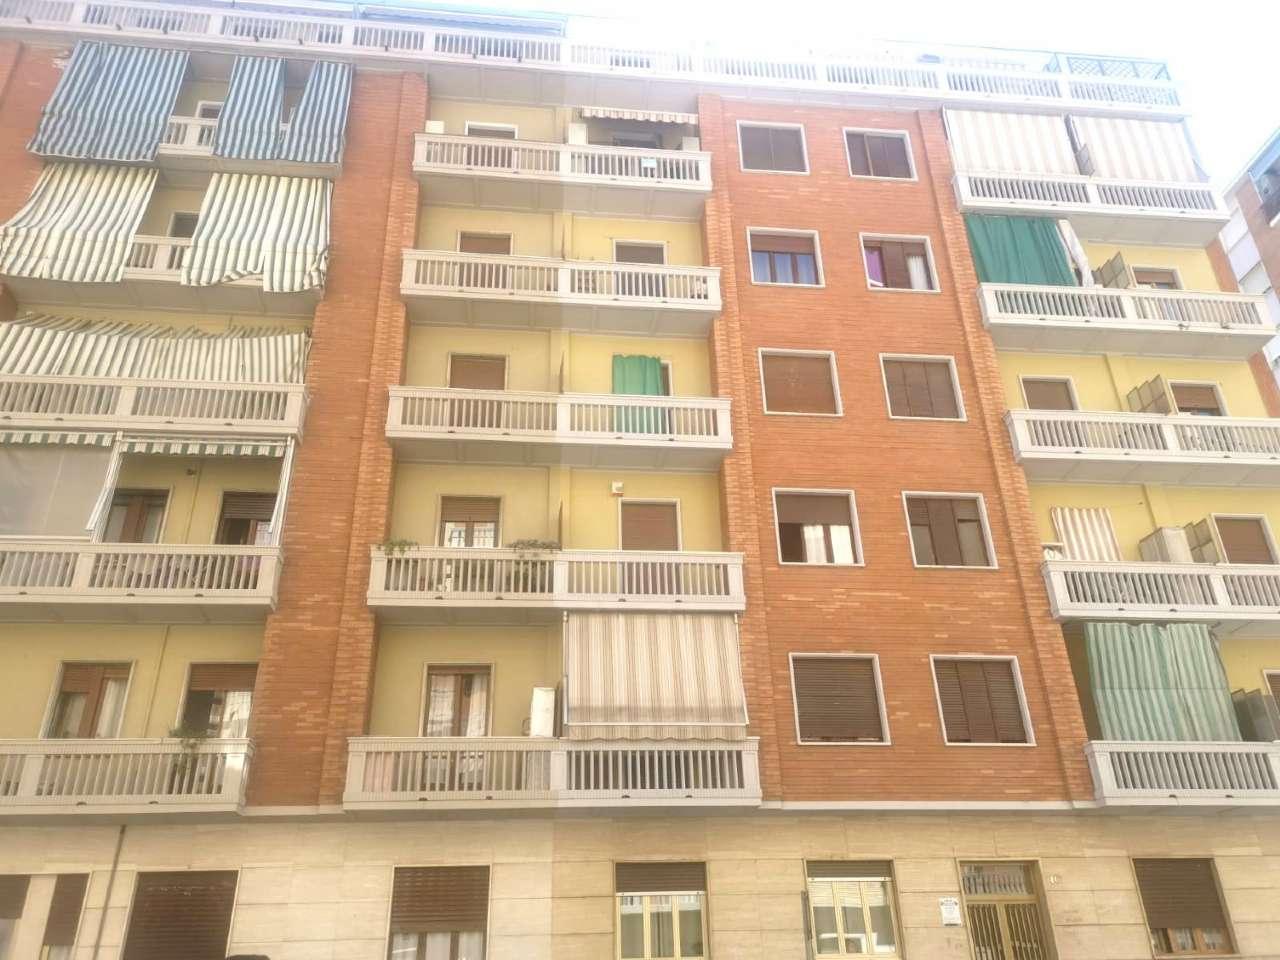 Appartamento in vendita Zona Madonna di Campagna, Borgo Vittoria... - Via Casteldelfino  10 Torino